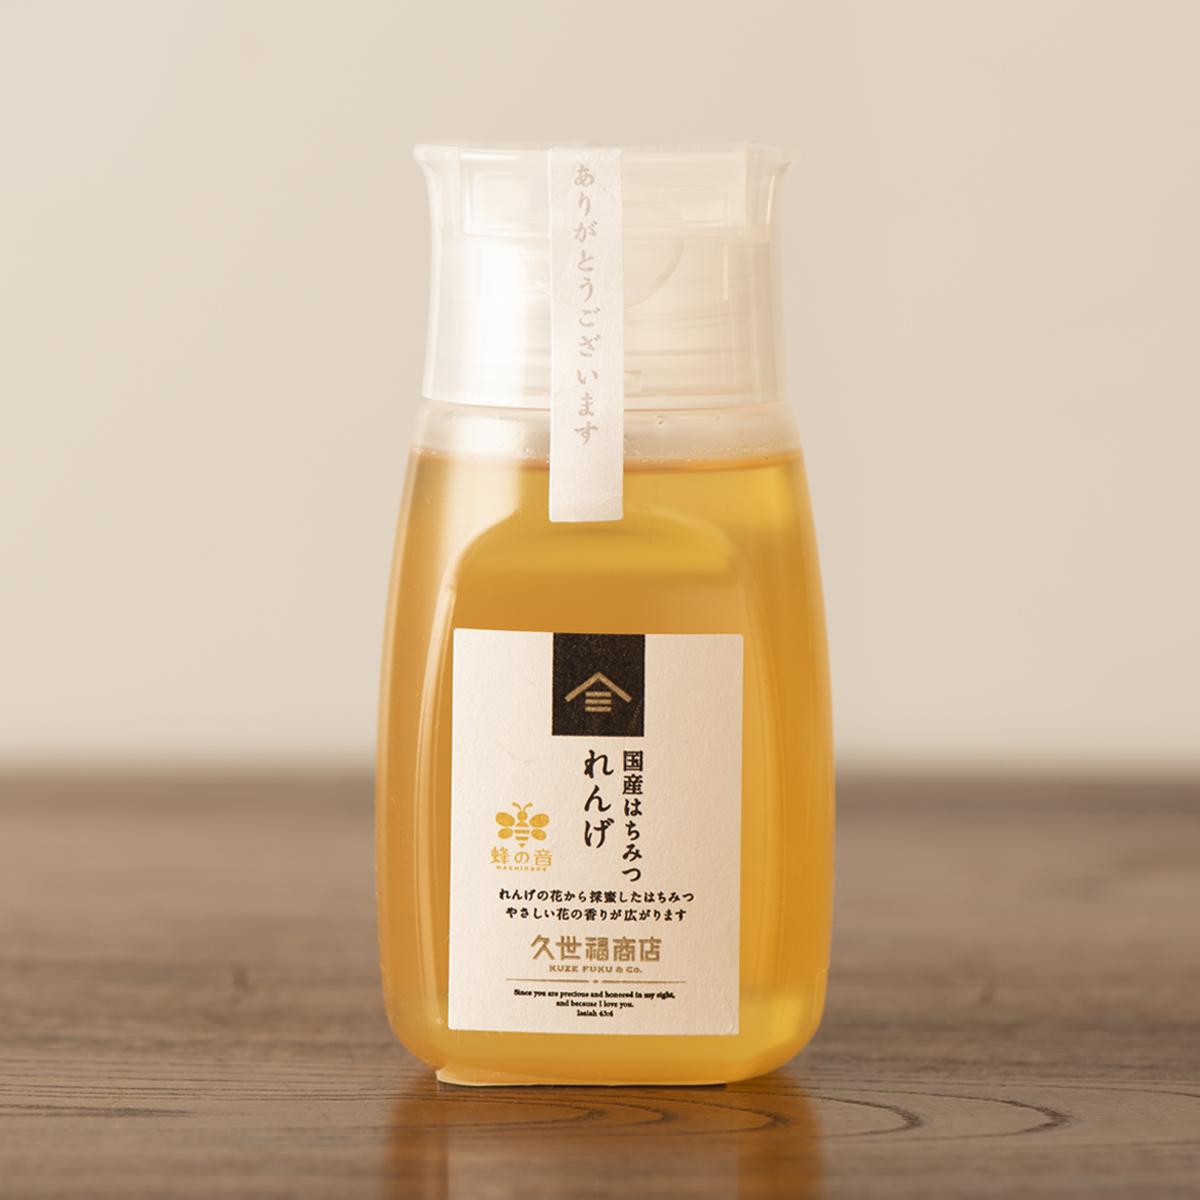 華やかな香りの国産れんげはちみつです 爆買い新作 国産はちみつ れんげ 280g セール価格